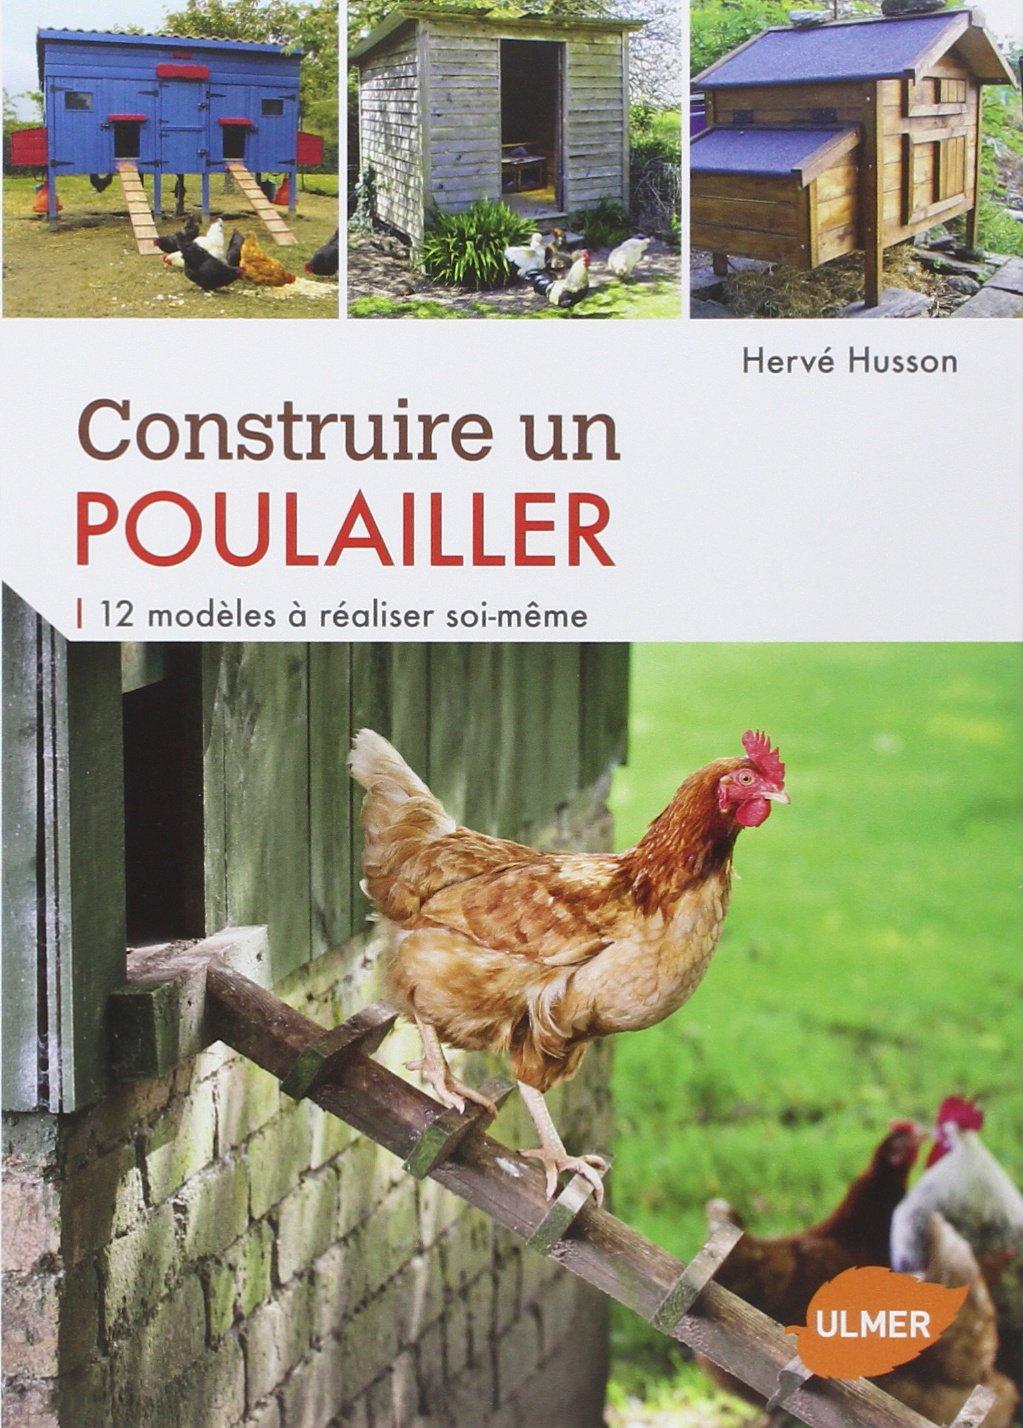 Construire un poulailler. 12 modèles à réaliser soi-même Broché – 23 janvier 2014 Herve Husson Ulmer 2841386333 Animaux d'élevage